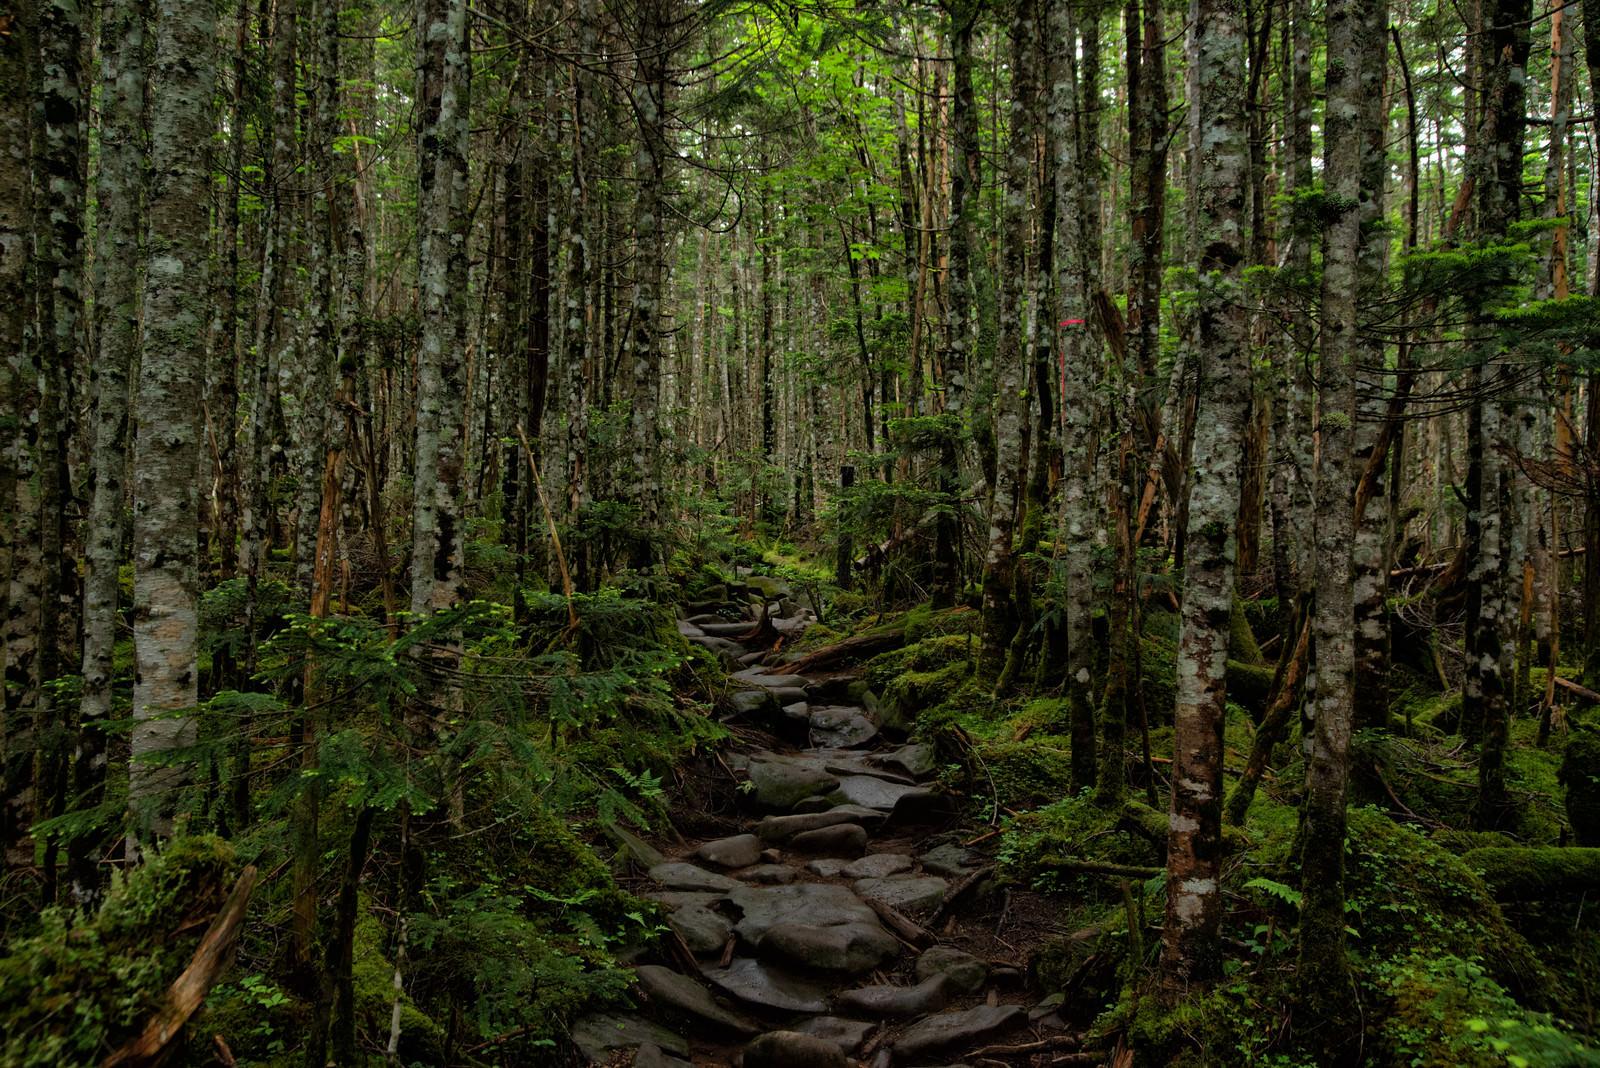 「苔生す原生林の石の登山道」の写真